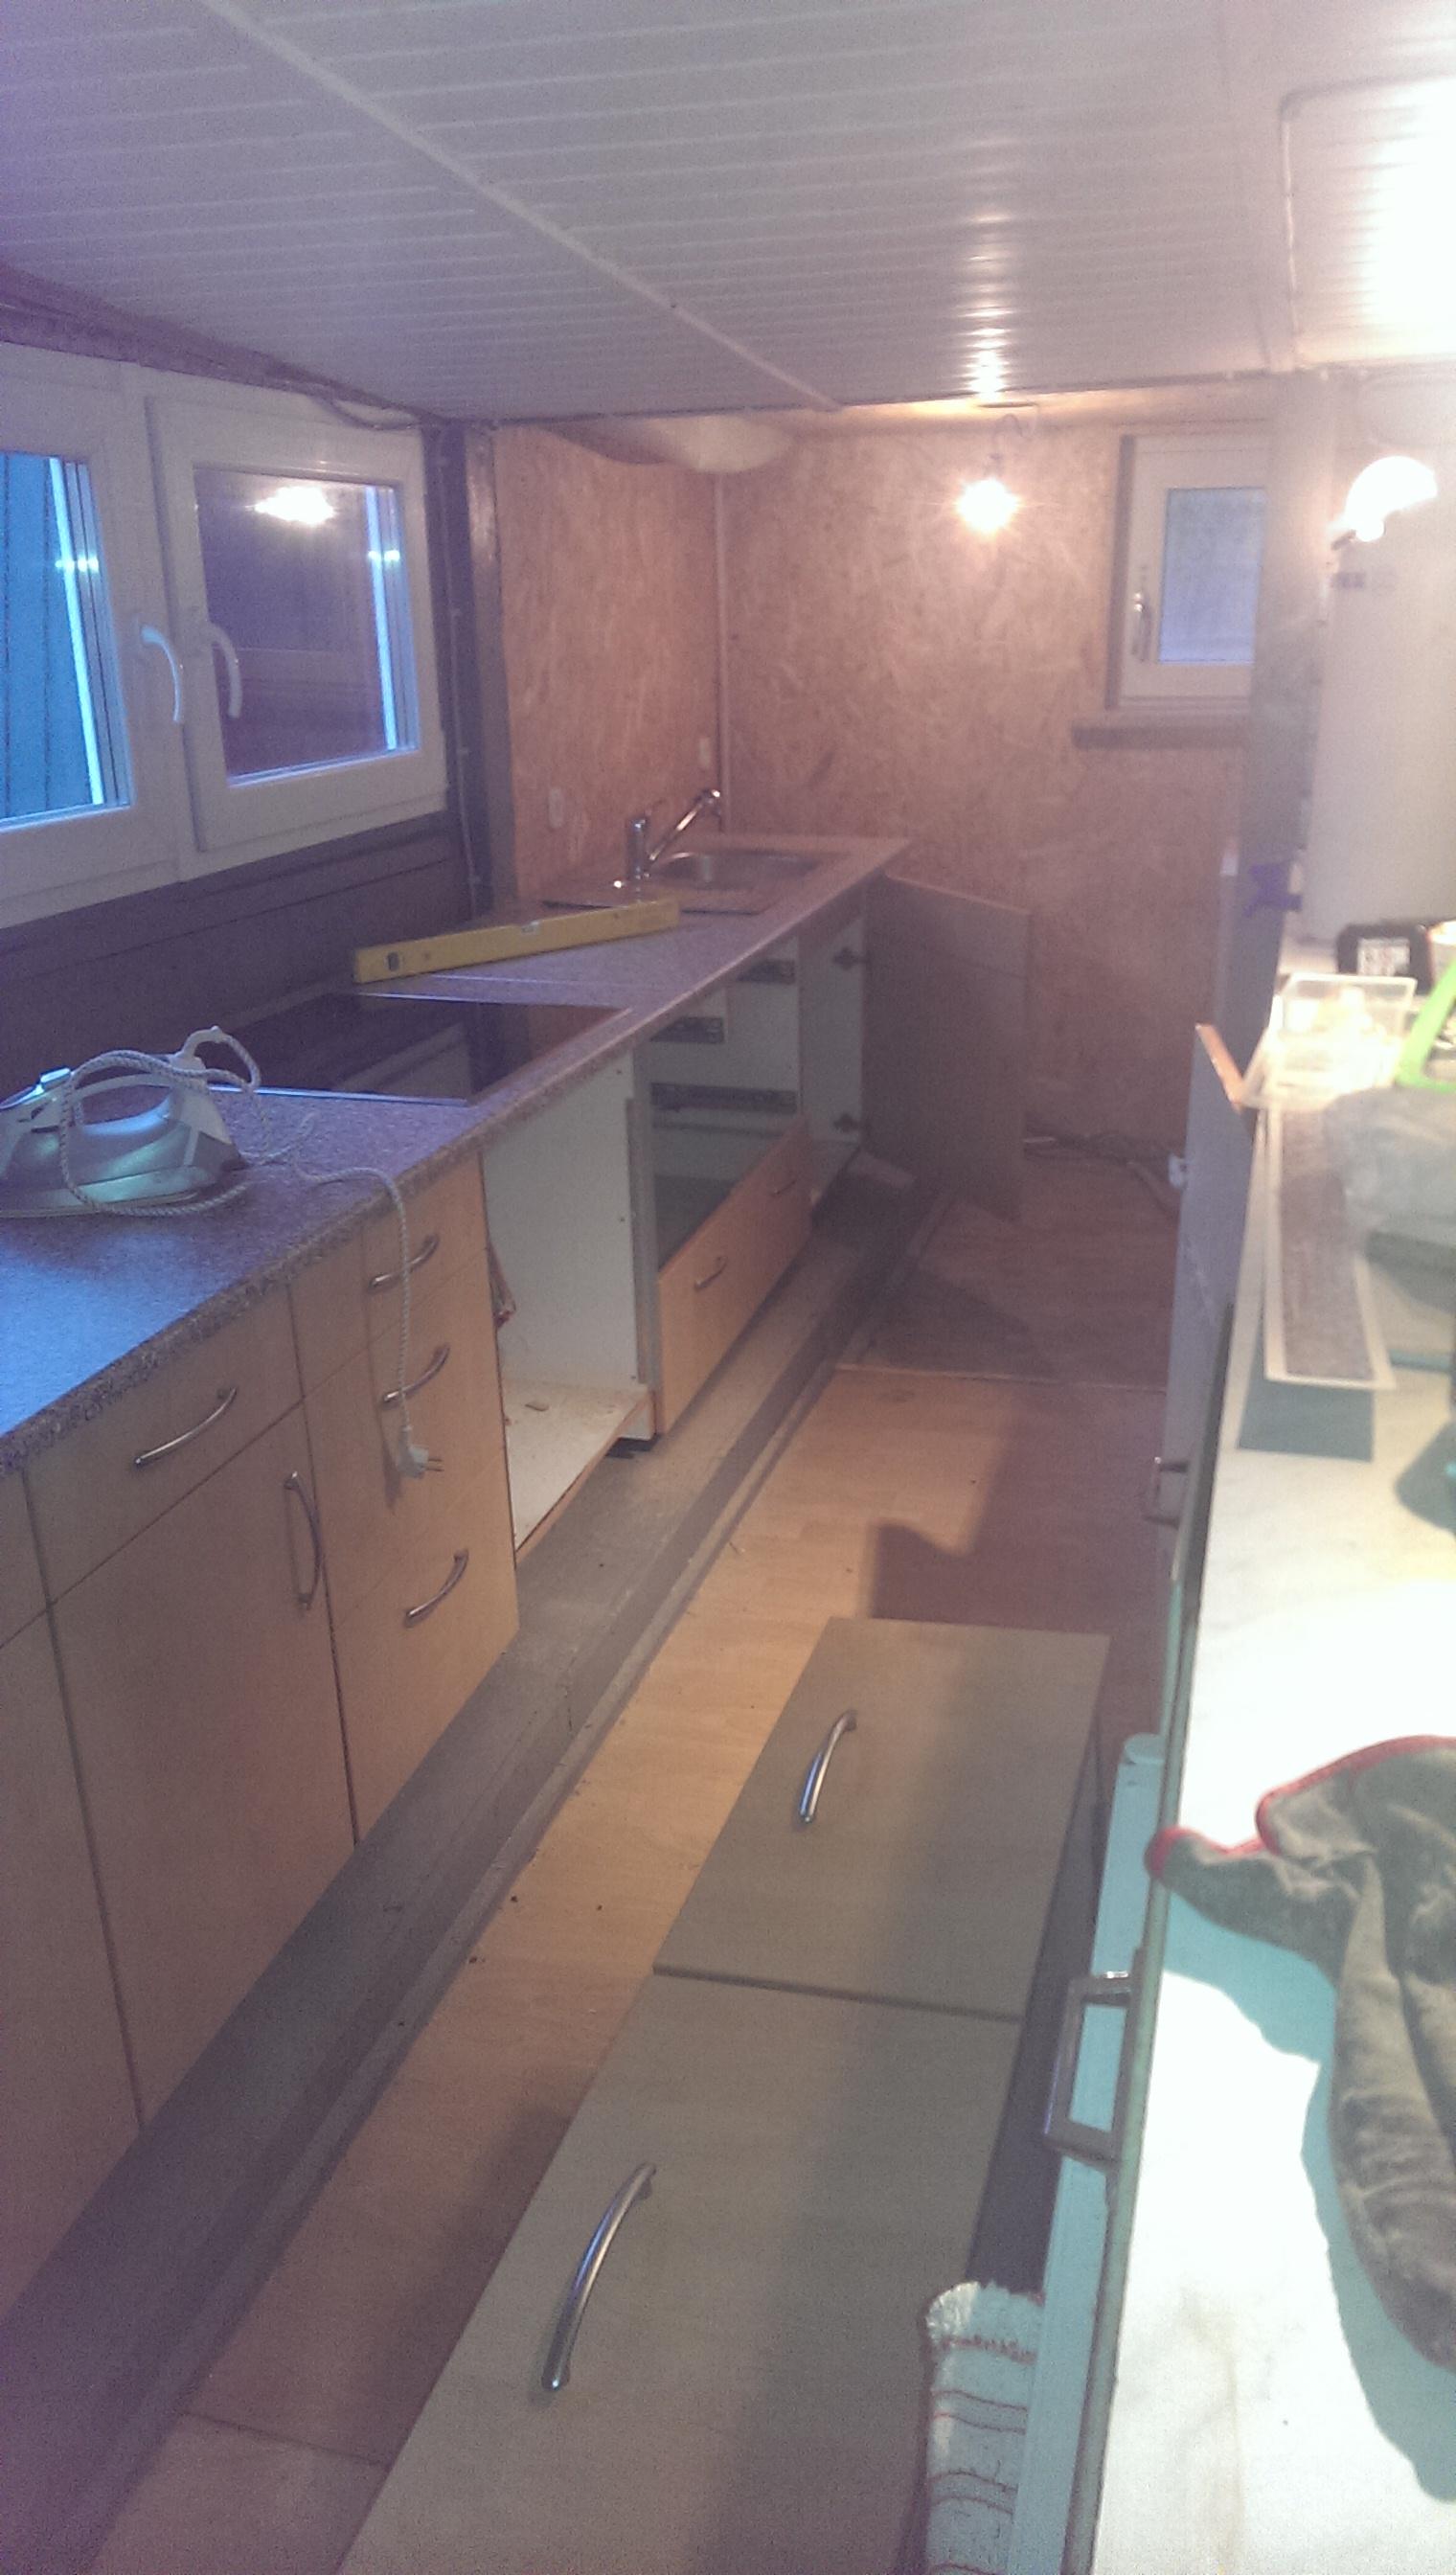 aufbau kuche simple kreative bauhaus wasserhahn ka che chen ideen home design kuchen respekta. Black Bedroom Furniture Sets. Home Design Ideas